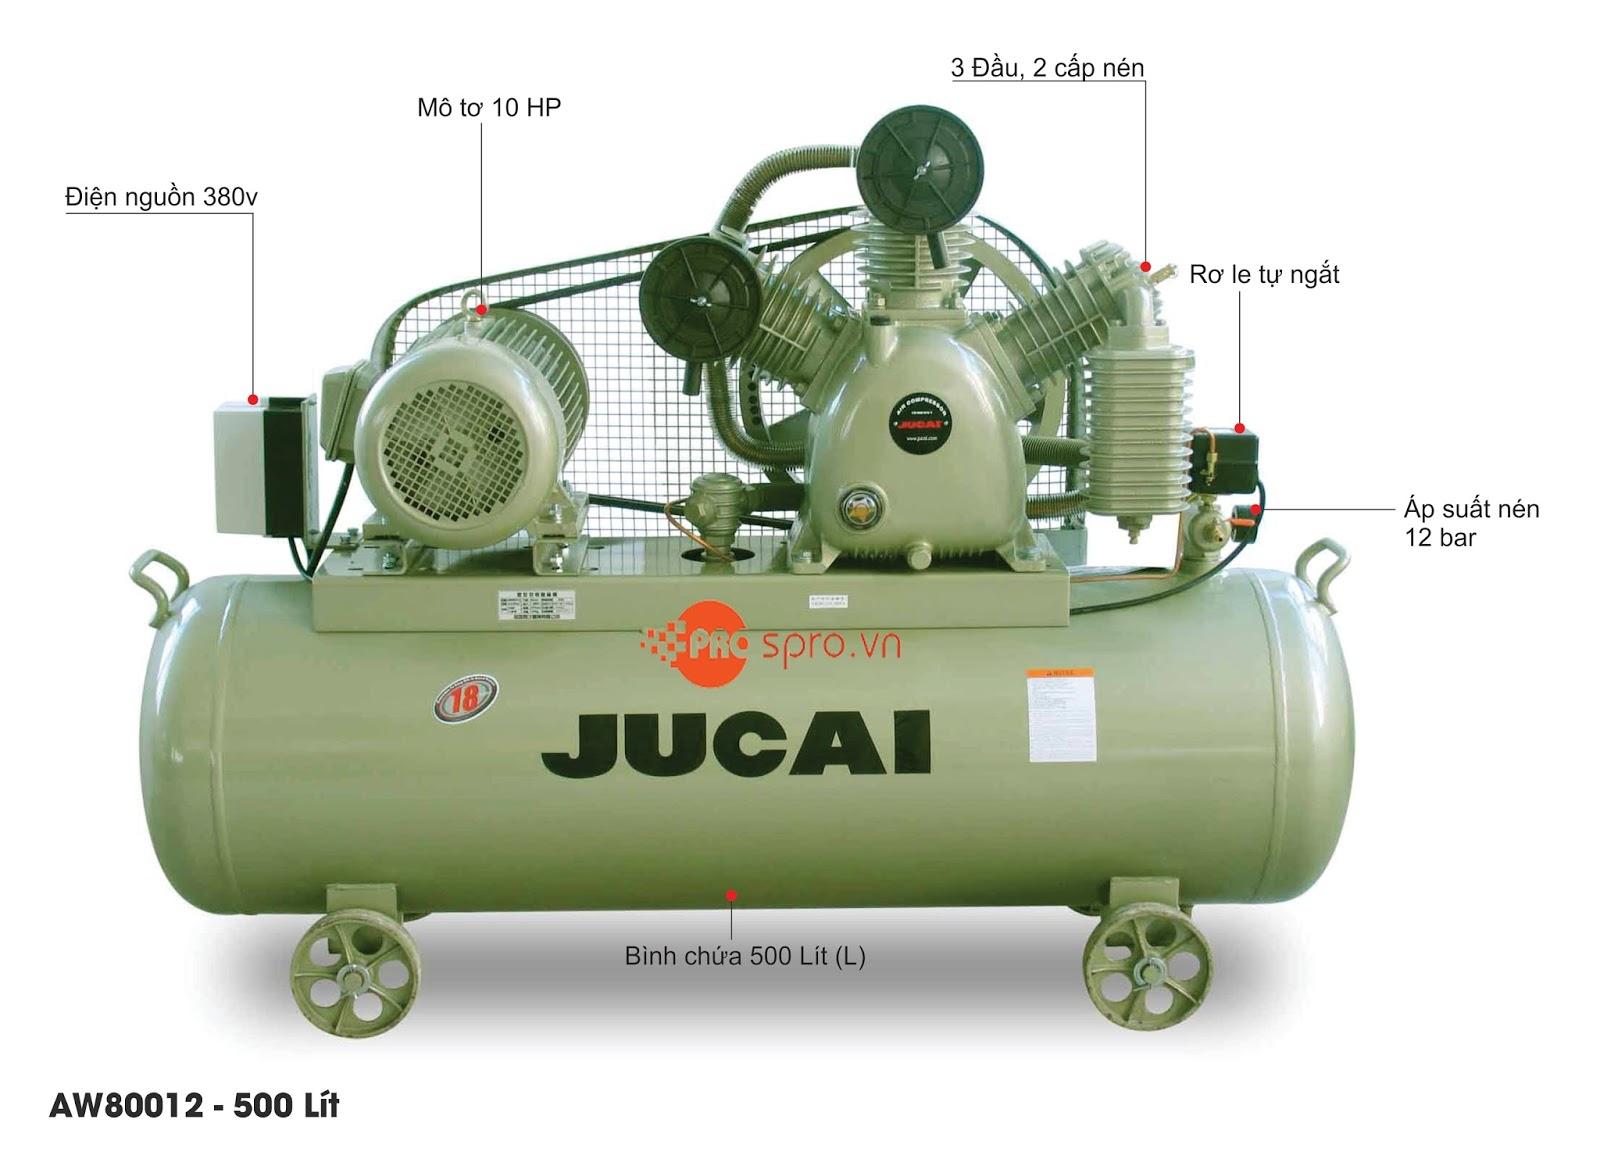 Máy nén khí Jucai 10HP 2 cấp AW80012 - Dung tích bình chứa 500L